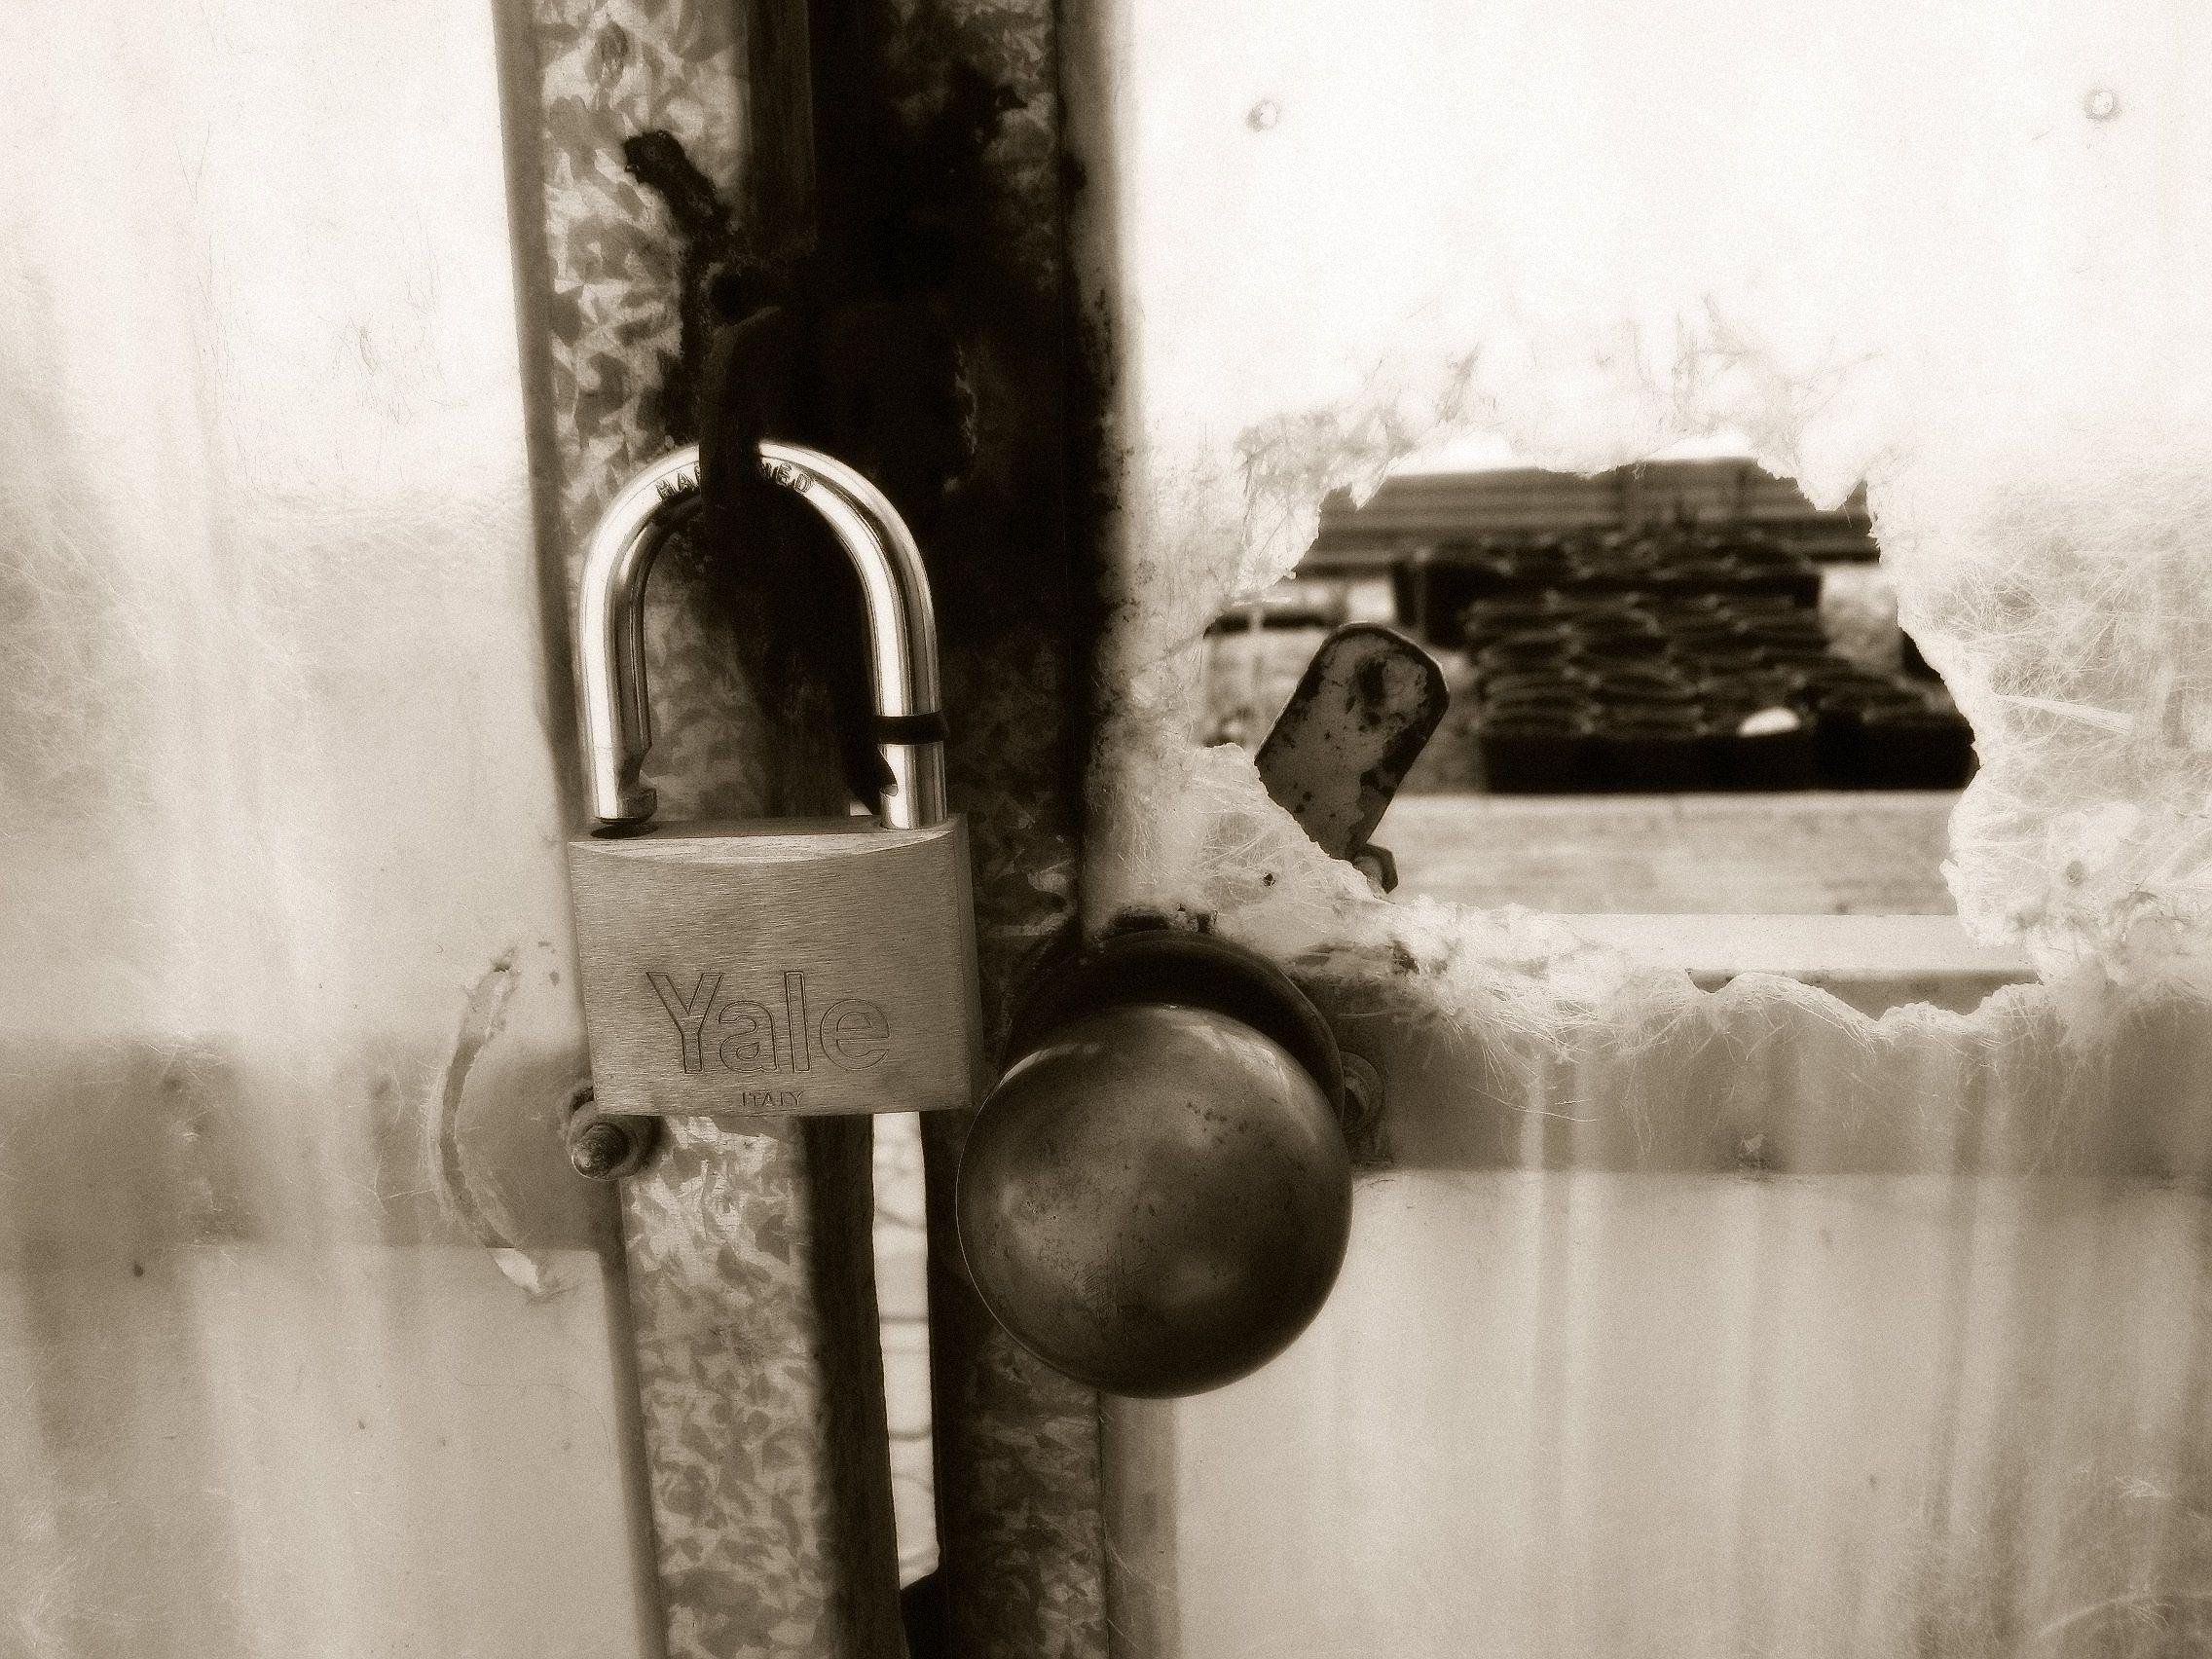 قفل أو باب مكسور Personalized Items